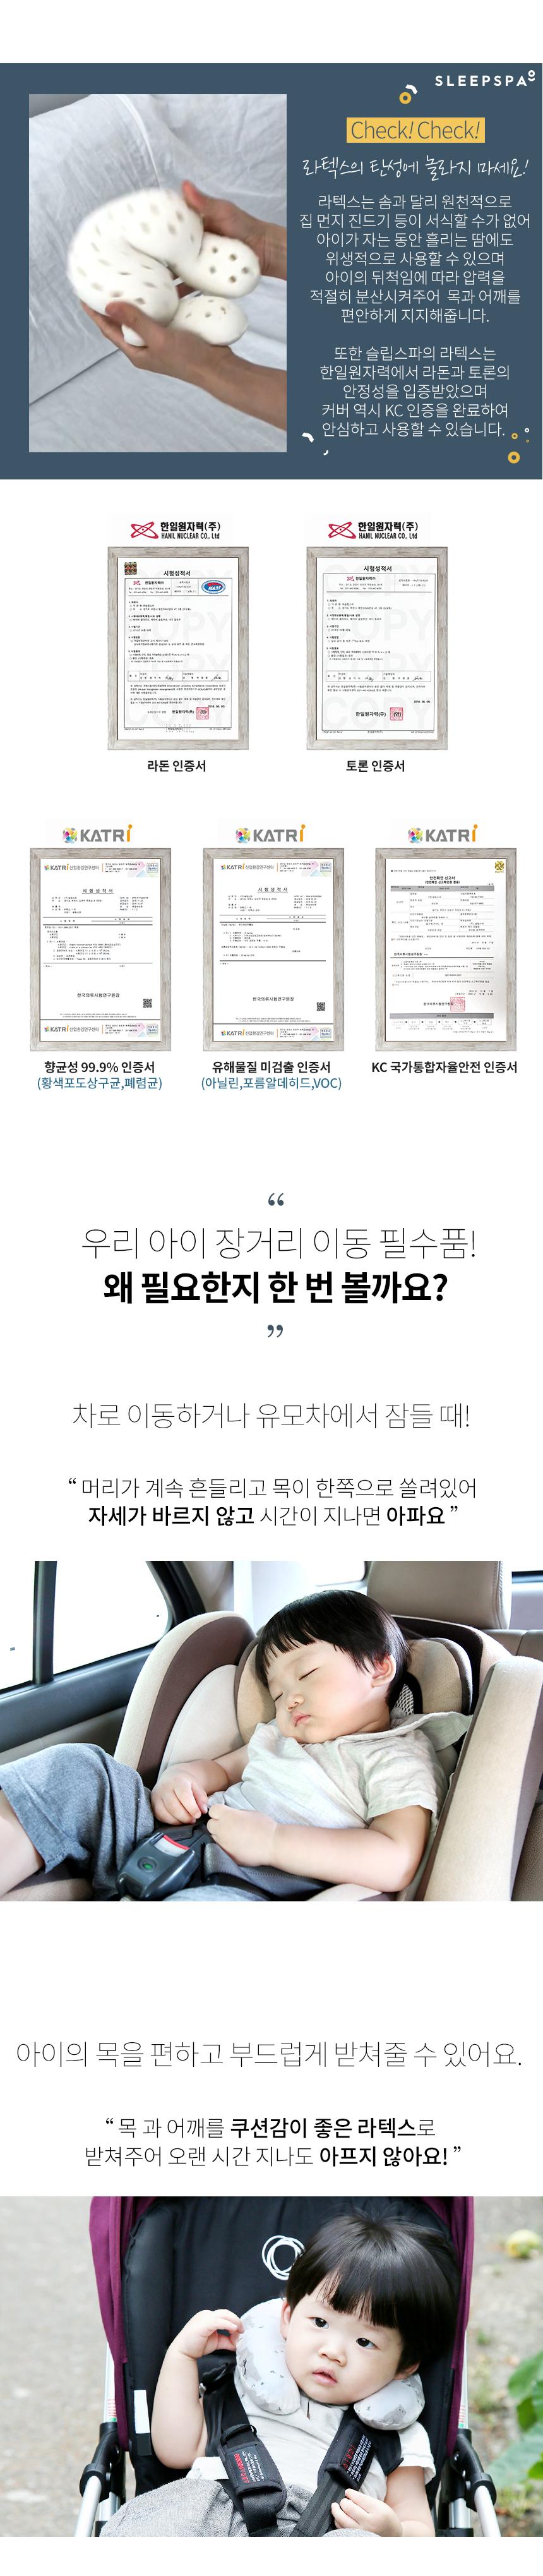 유아 차량용목쿠션 아기목베개 카시트 유모차 베개 - 슬립스파, 24,900원, 유모차/카시트, 카시트/유아차량용품